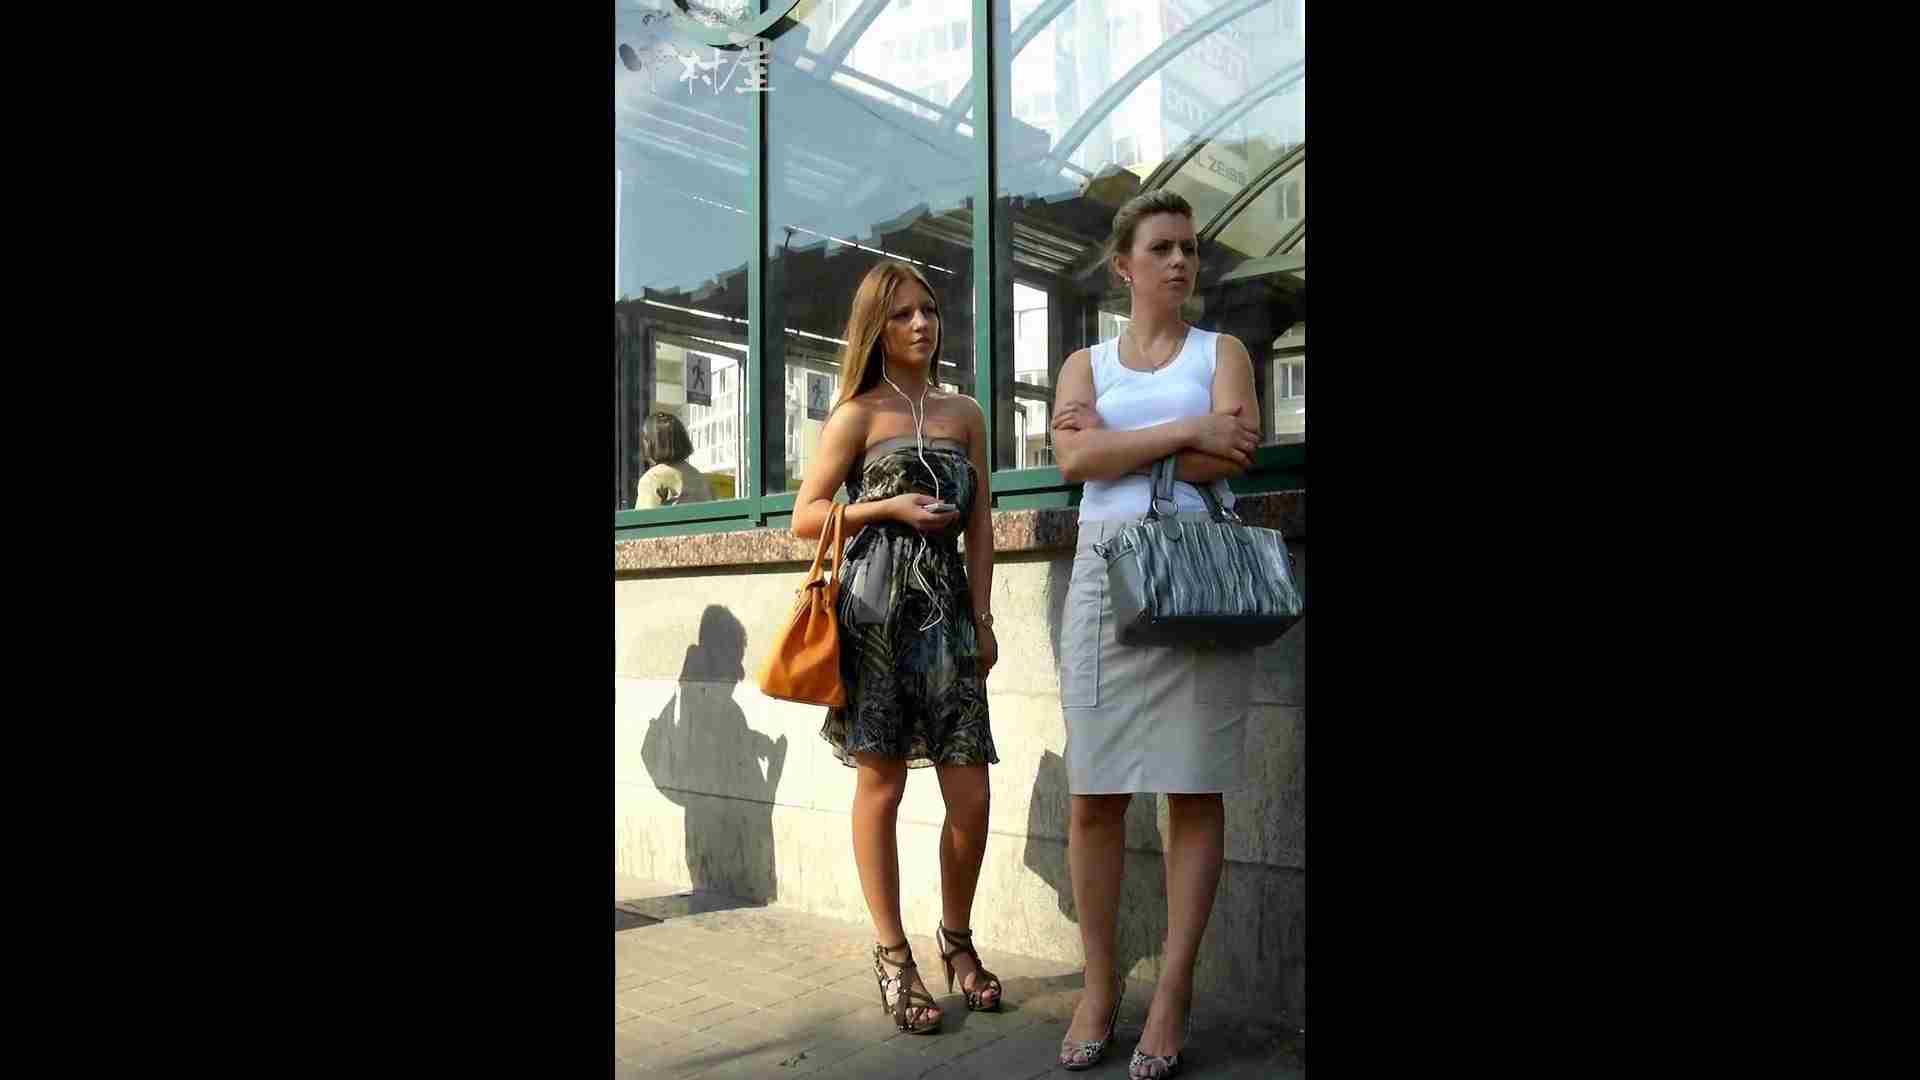 綺麗なモデルさんのスカート捲っちゃおう‼ vol16 お姉さんのエロ動画 | 0  106PIX 27